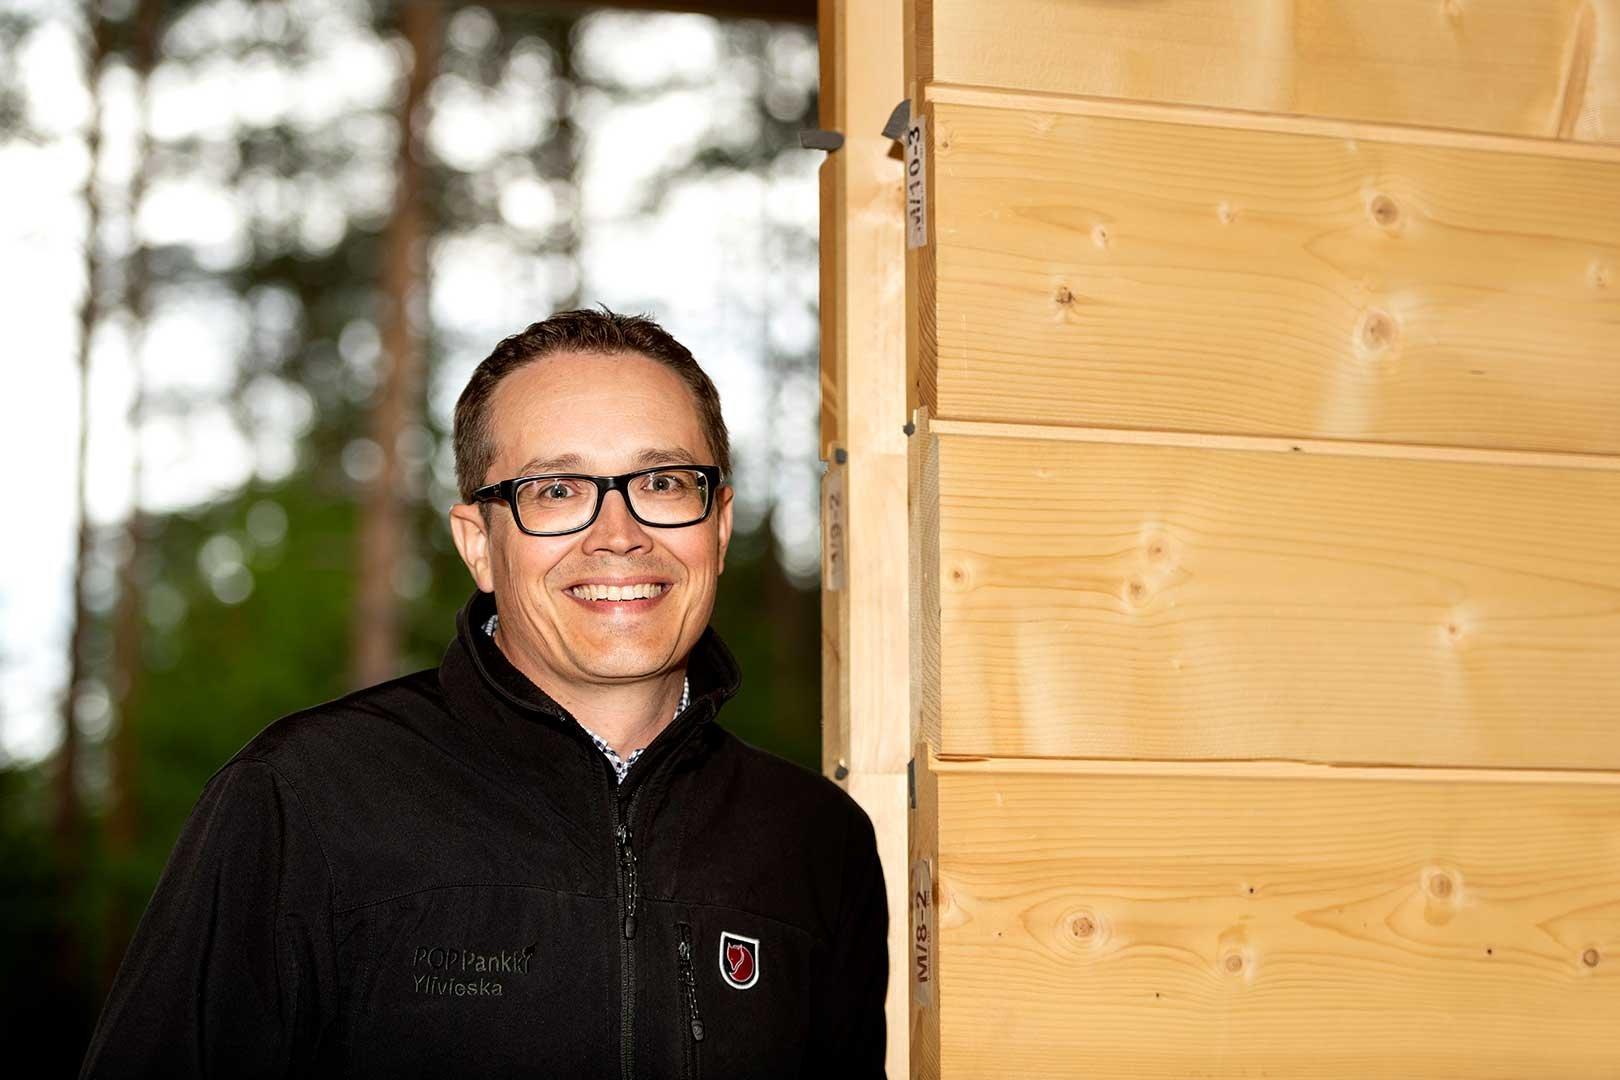 POP Pankki Pohjanmaan Ylivieskan konttorin rahoituspäällikkö Kari Ylimäki